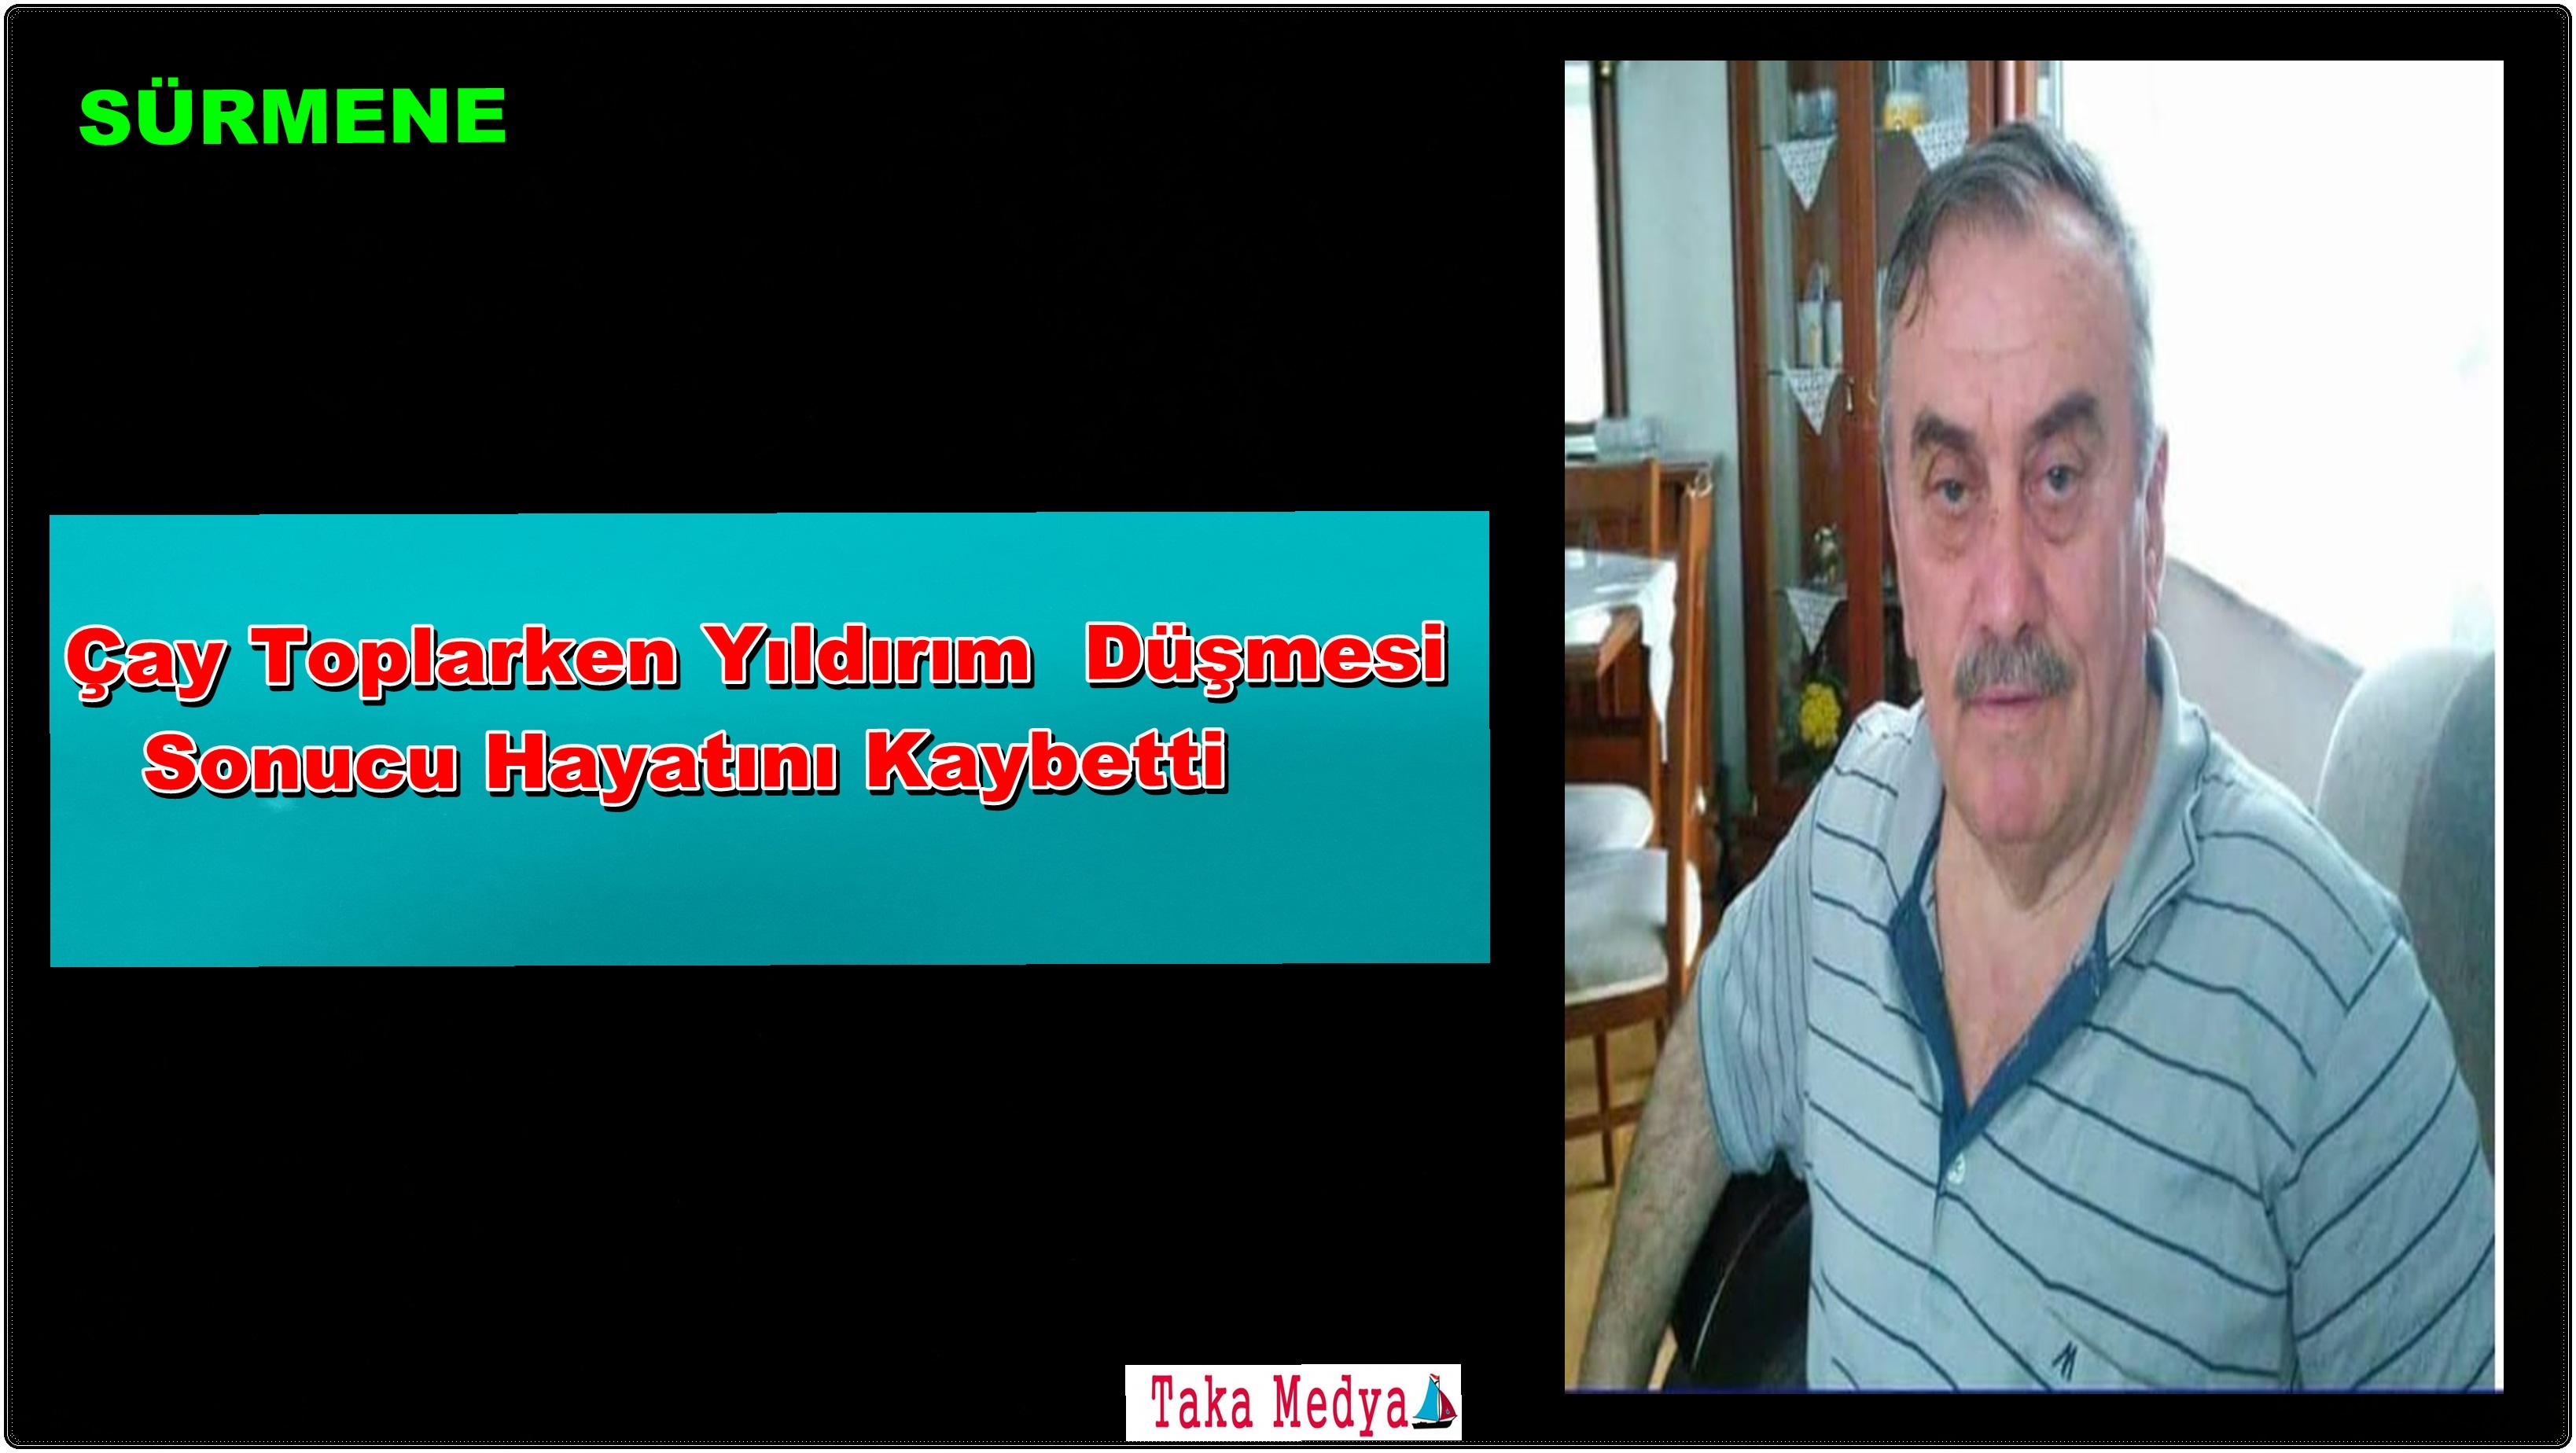 Sürmene'de  Hasan Kol Yıldırım Düşmesi Sonucu Hayatını Kaybetti